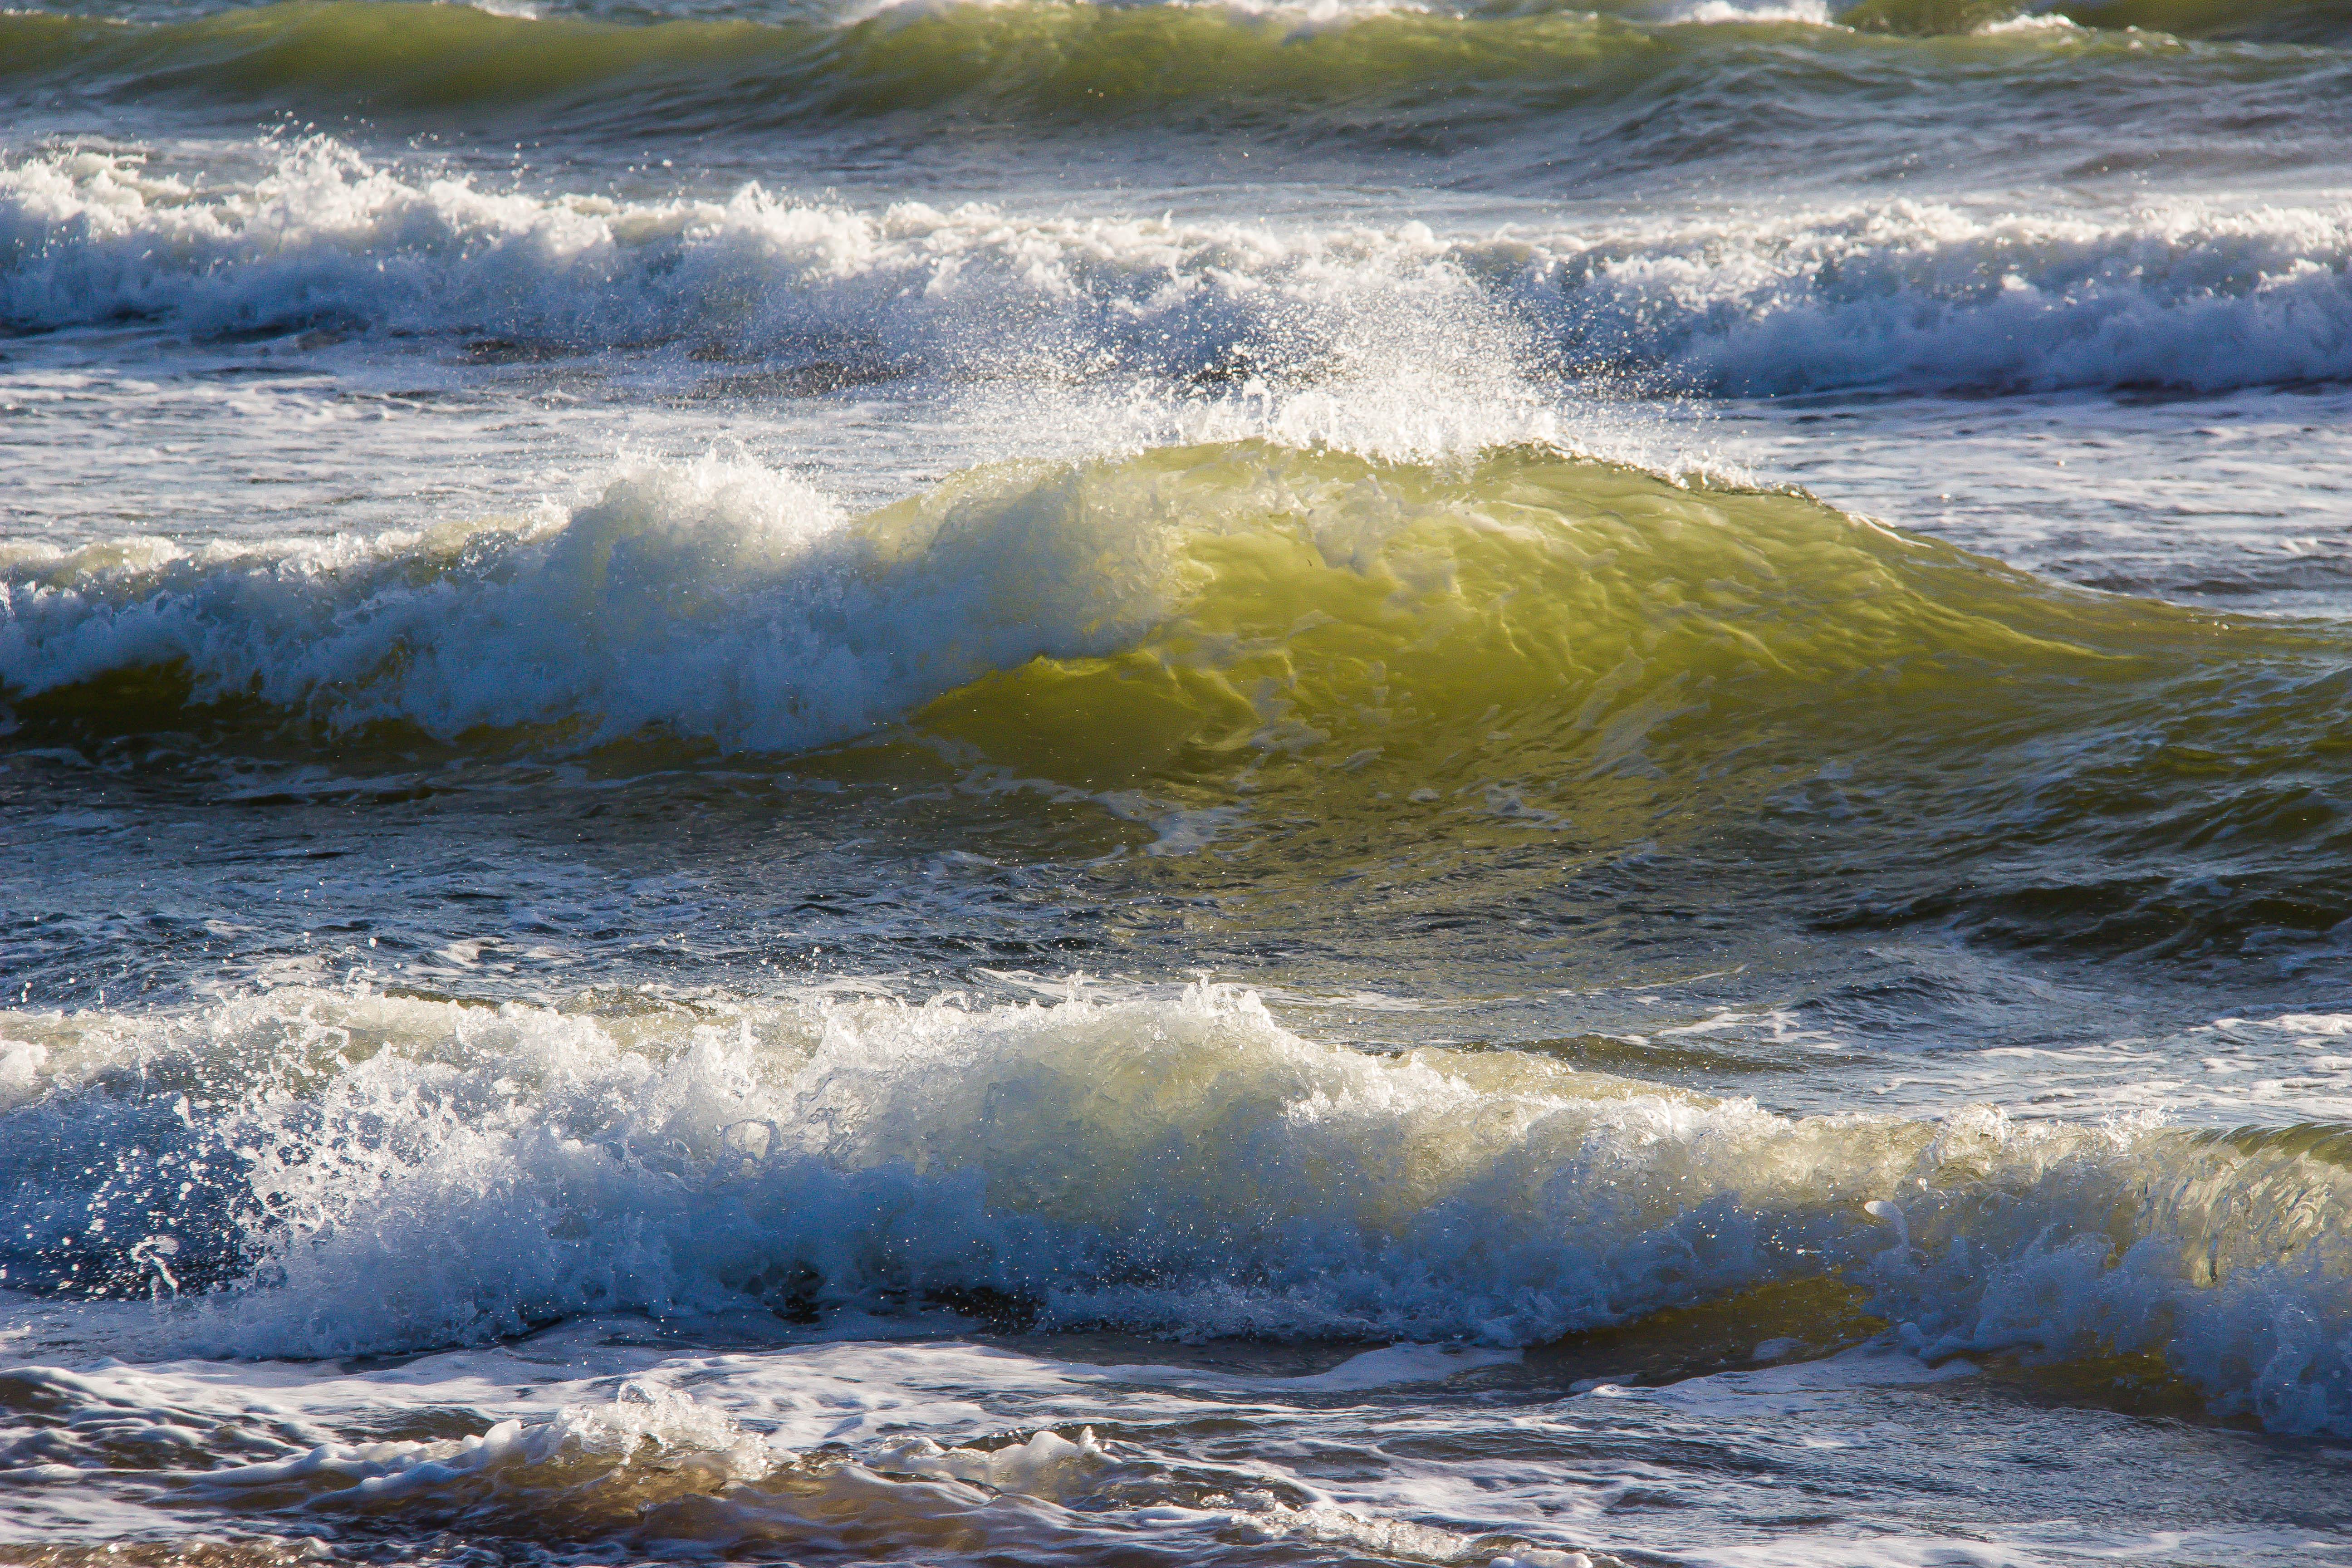 400 frivillige skal hjælpe forskere med at undersøge livet i havet